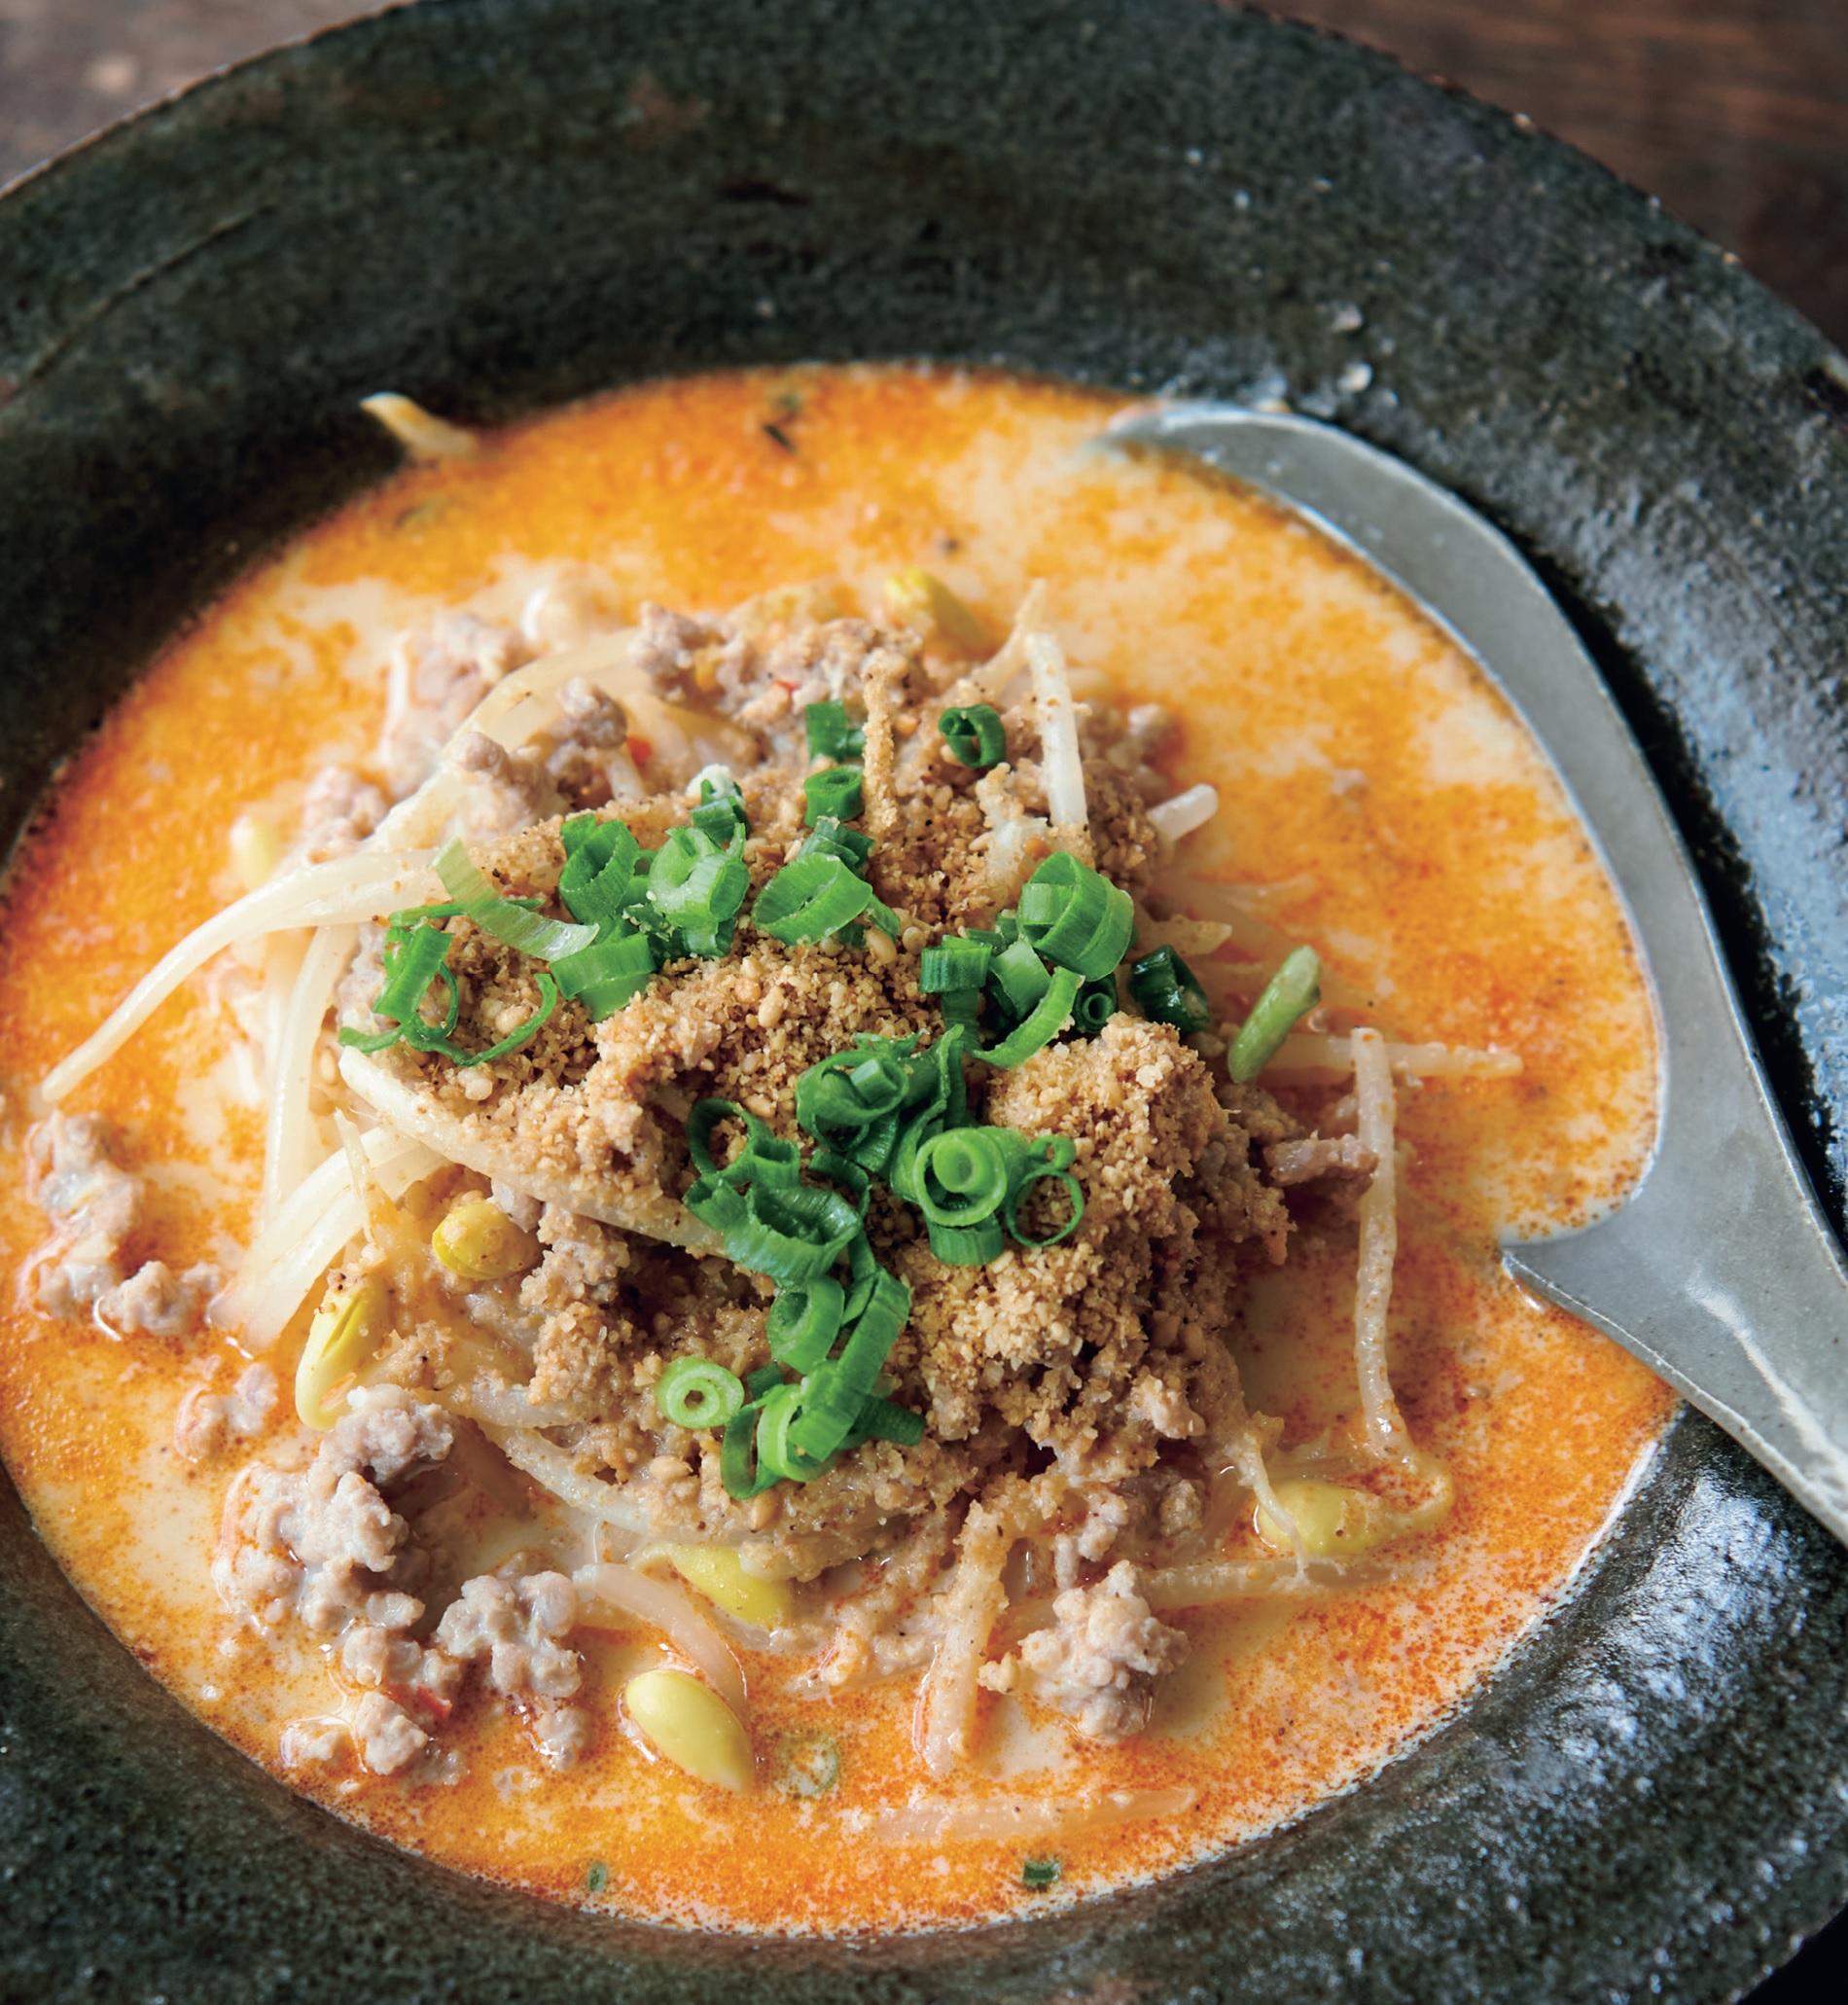 「ちょい辛いスープもたくさん発汗を促します」紙面